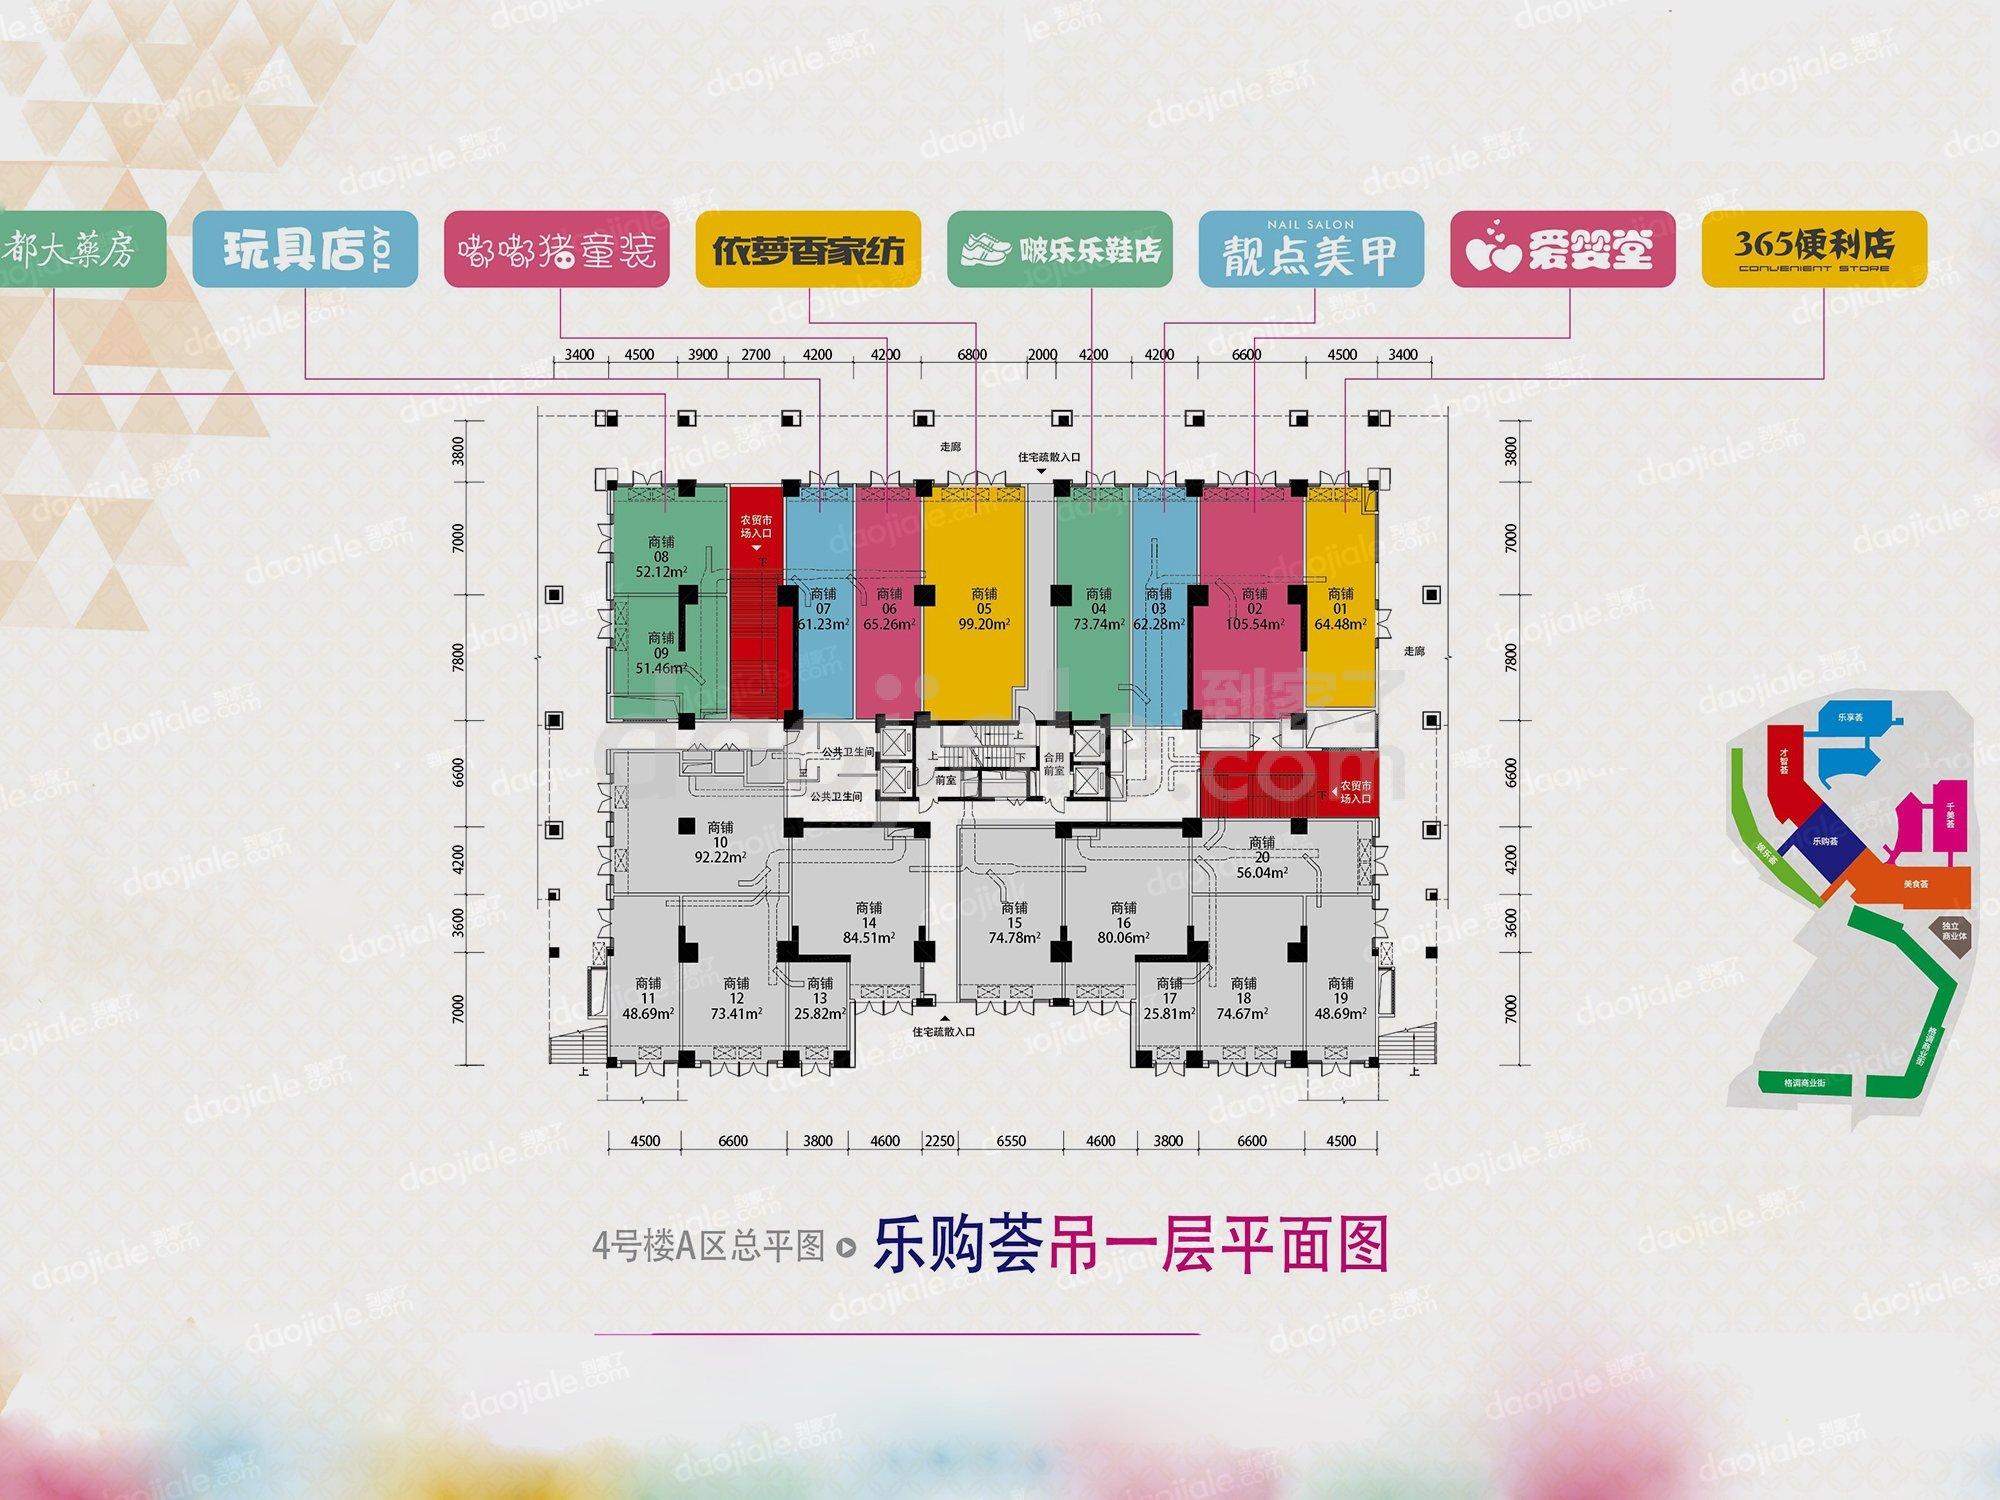 九龙坡区石桥铺华宇时代星都新房乐购荟LG户型图